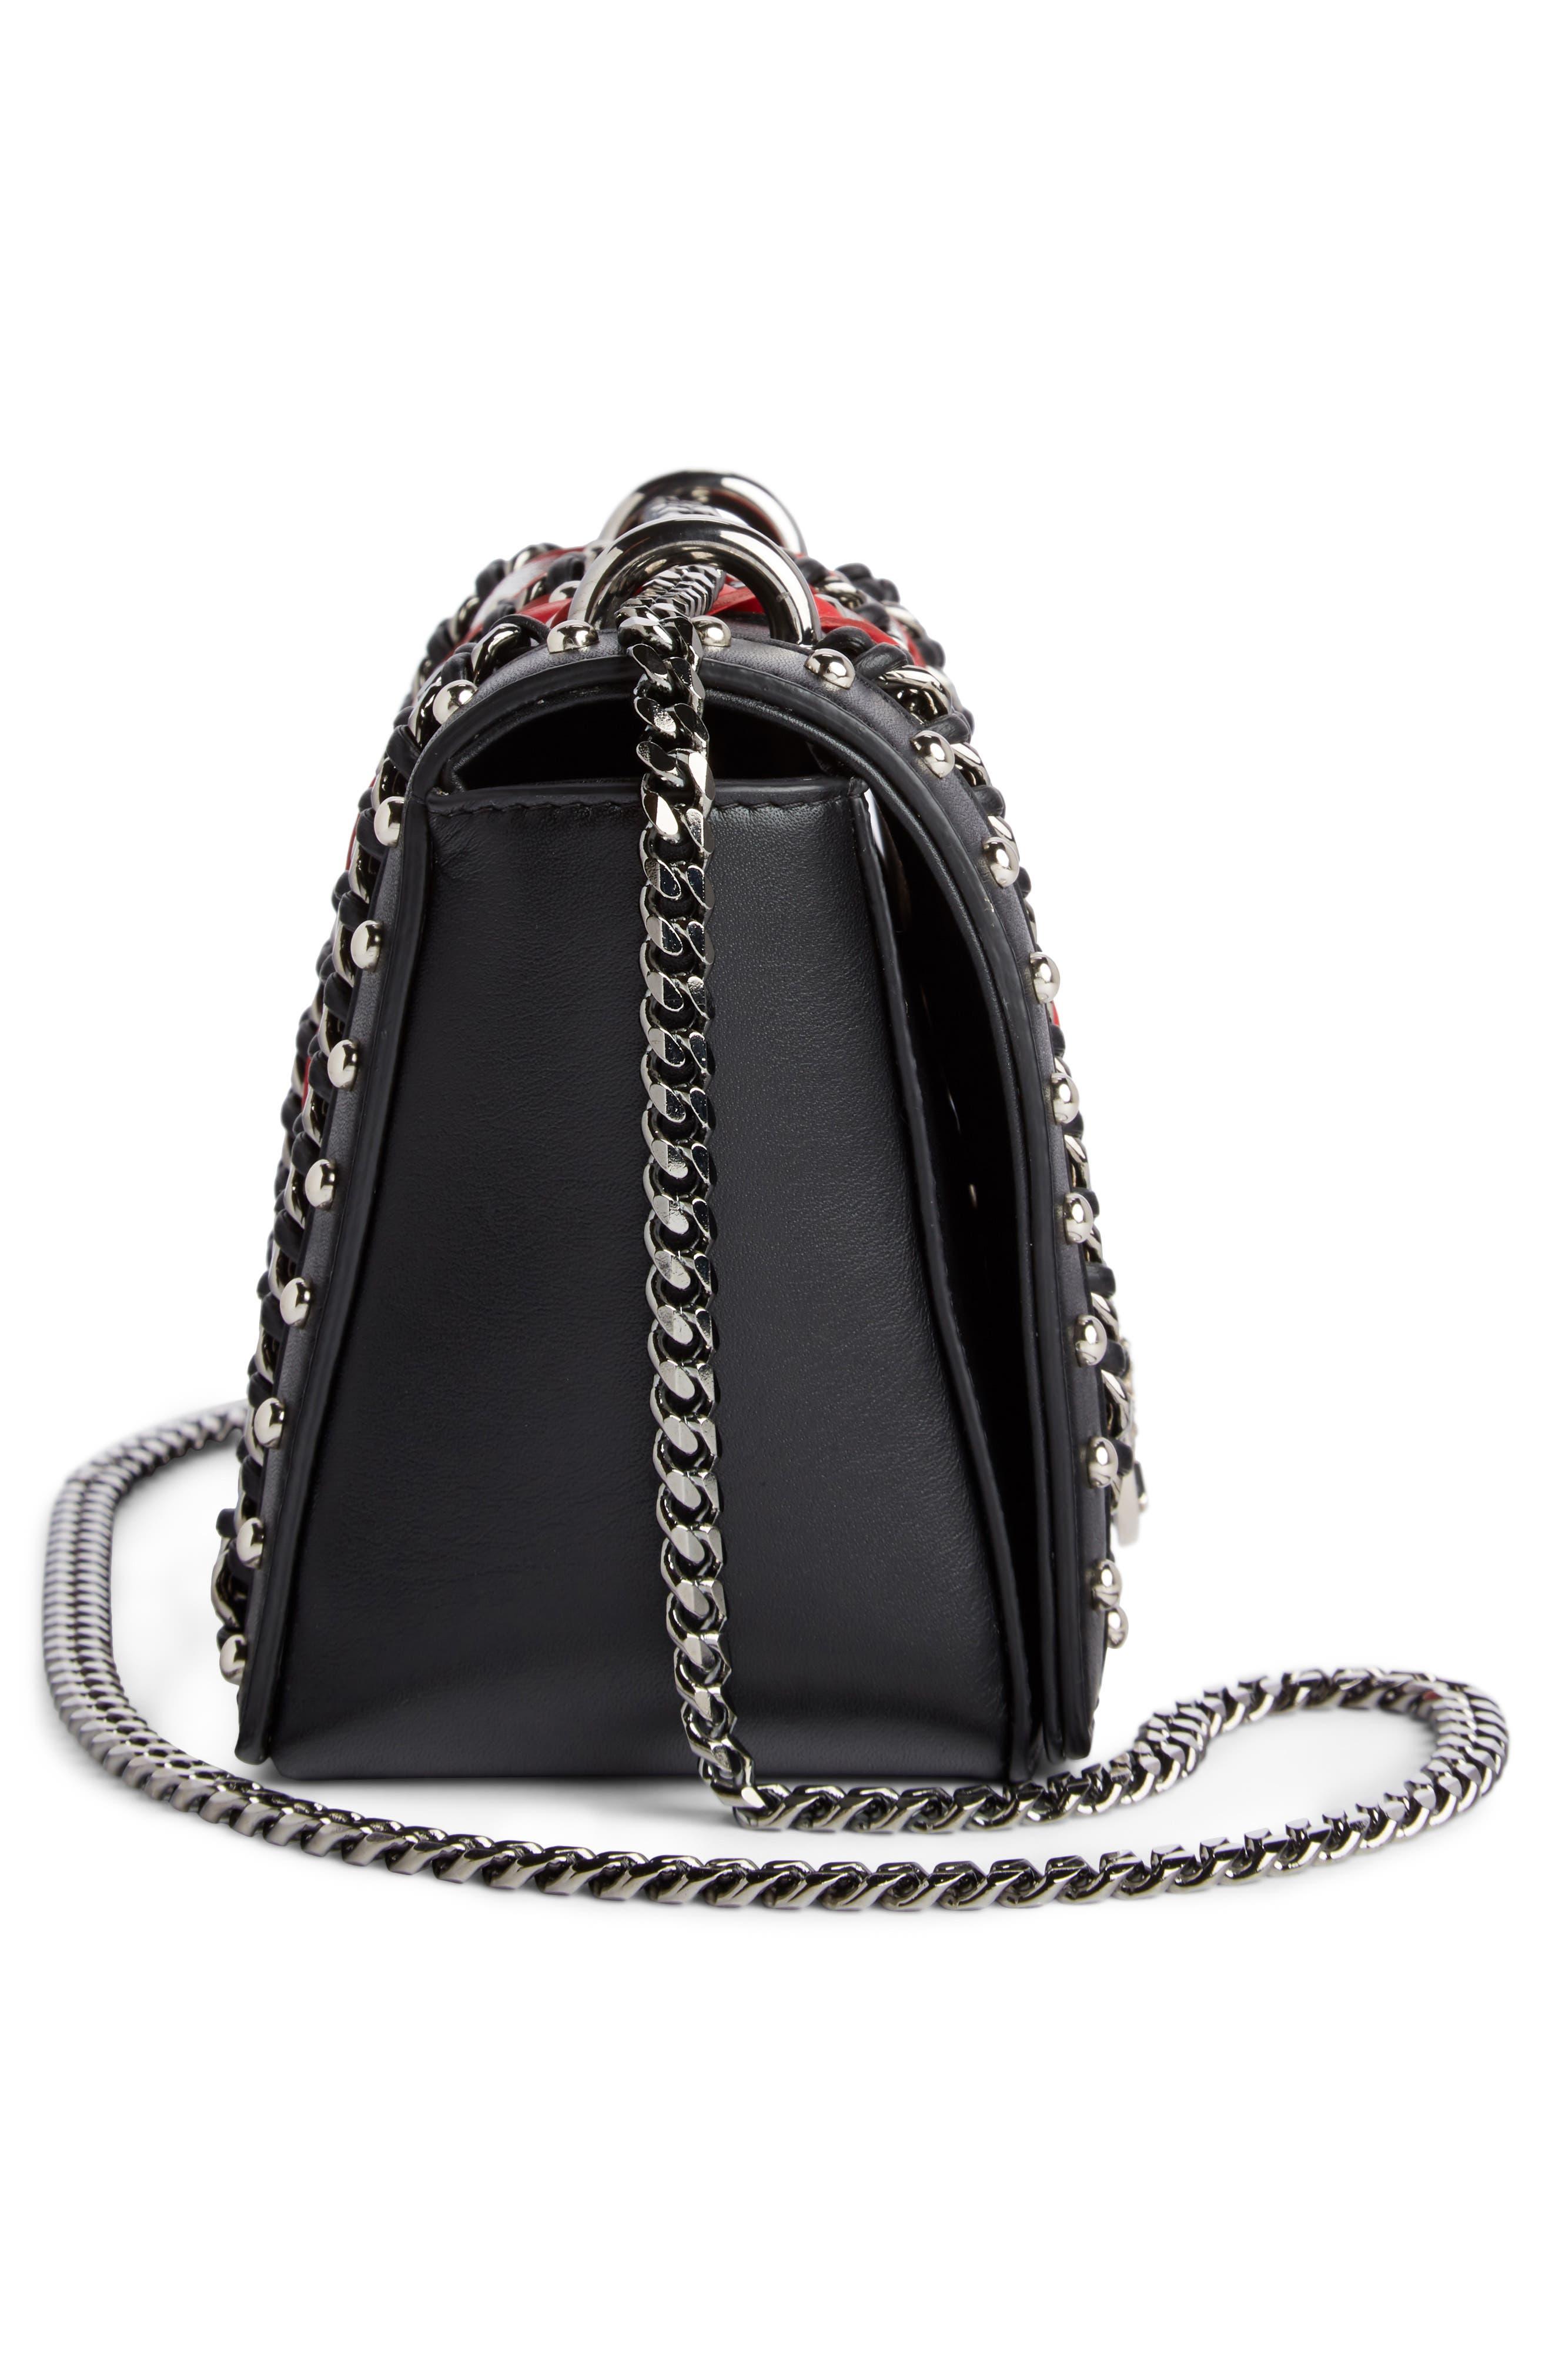 Baby Box Woven Leather Shoulder Bag,                             Alternate thumbnail 4, color,                             Noir/ Rouge/ Blanc